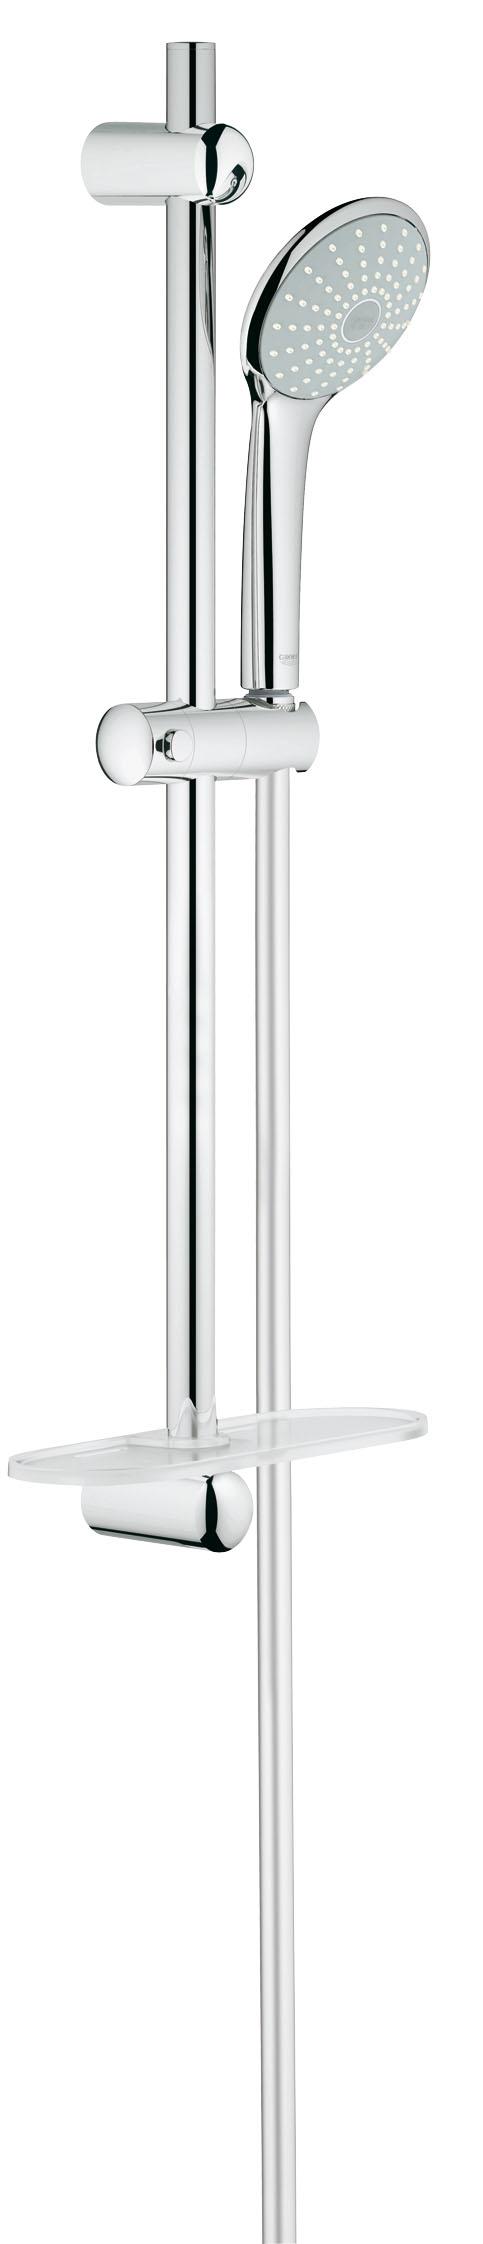 Душевой комплект GROHE Euphoria, штанга 600мм. (27266001)27266001Включает в себя: Ручной душ Mono (27 265) Душевая штанга, 600 мм (27 499 000) GROHE QuickFix(регулируемое расстояние между настенными креплениями штанги позволяет использовать для монтажа уже имеющиеся отверстия в стене) Душевой шланг 1750 мм (28 388 000) Полочка GROHE EasyReach™(27 596 000) GROHE DreamSpray превосходный поток воды GROHE StarLight хромированная поверхностьС системой SpeedClean против известковых отложений Внутренний охлаждающий канал для продолжительного срока службы Twistfree против перекручивания шлангаВидео по установке является исключительно информационным. Установка должна проводиться профессионалами!